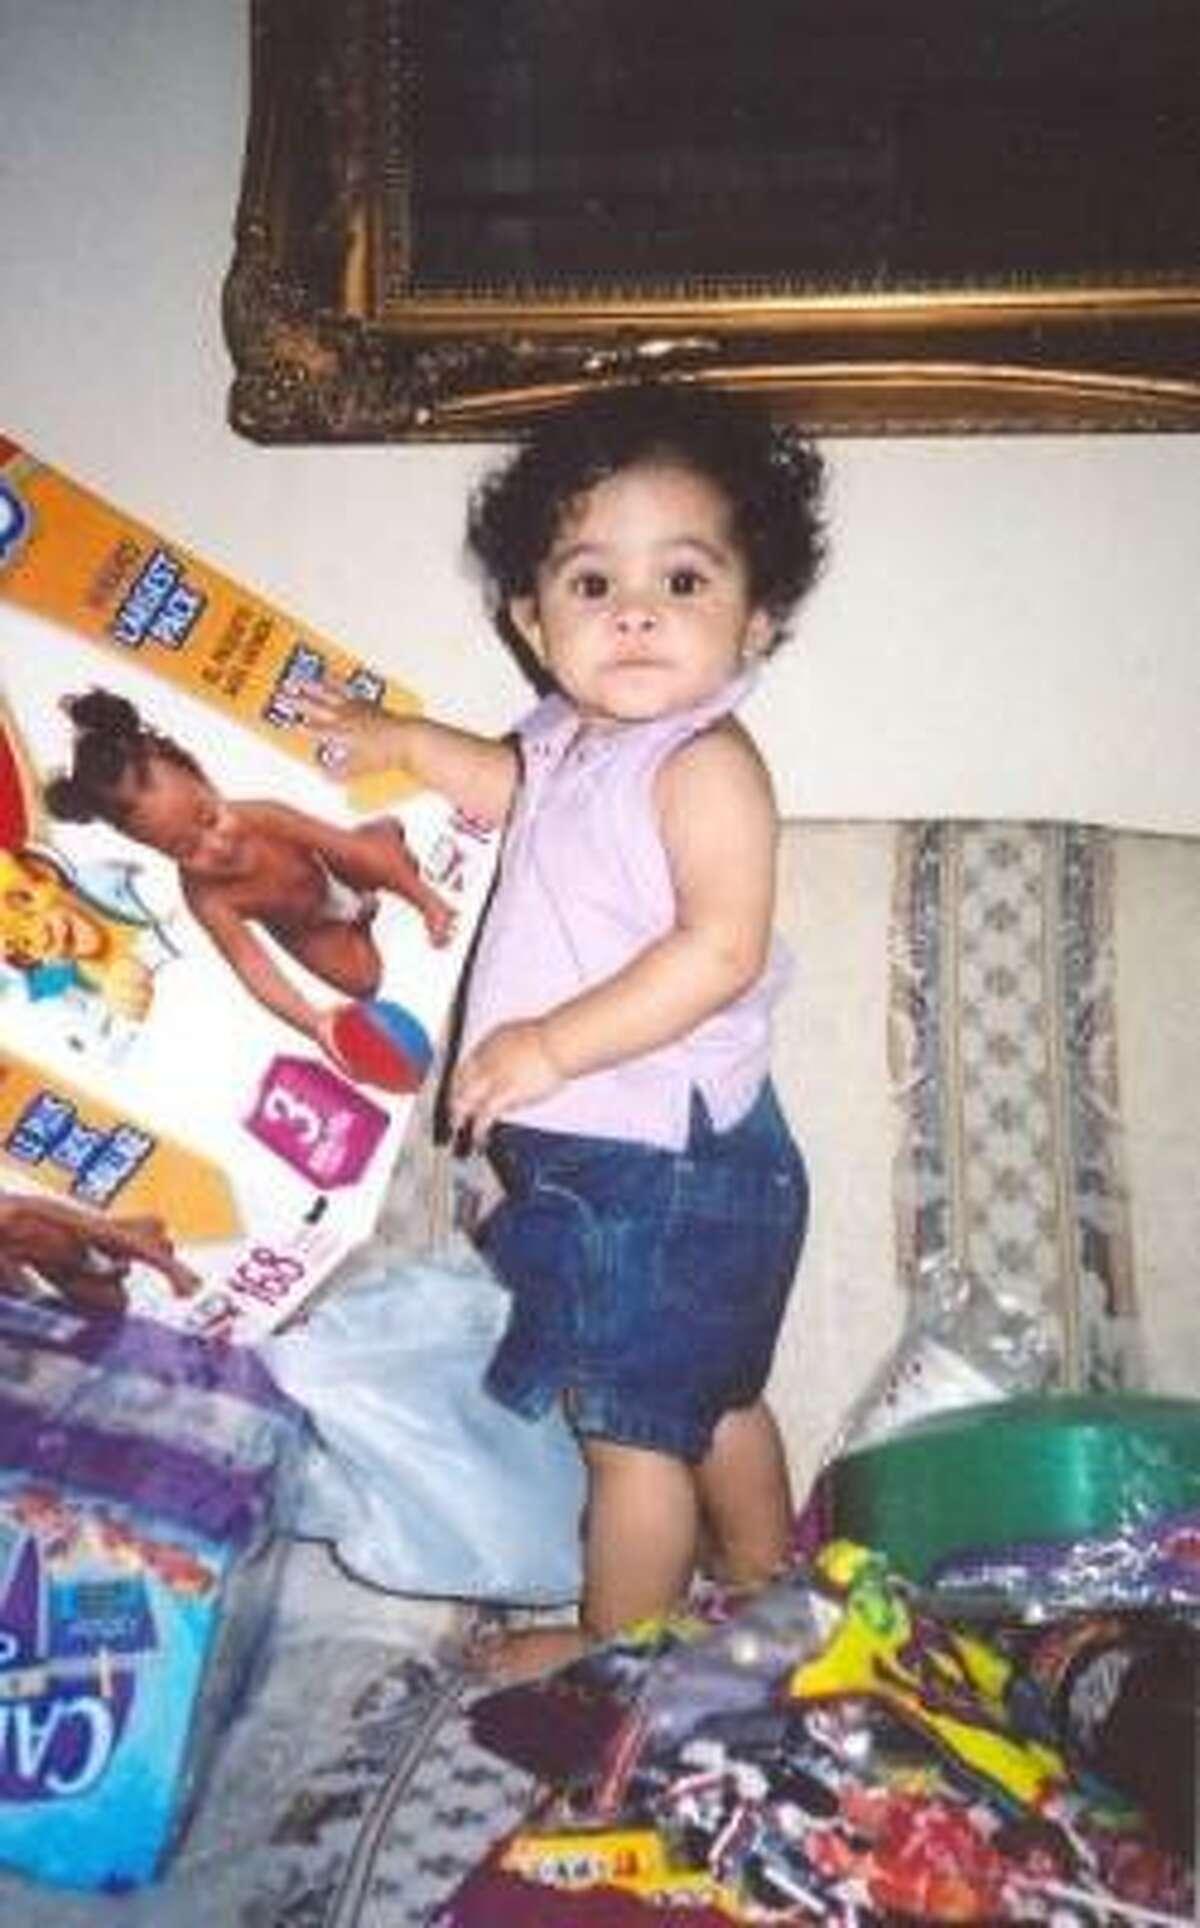 Aliyah Mejia, 2, was inside her family's truck when it was stolen.